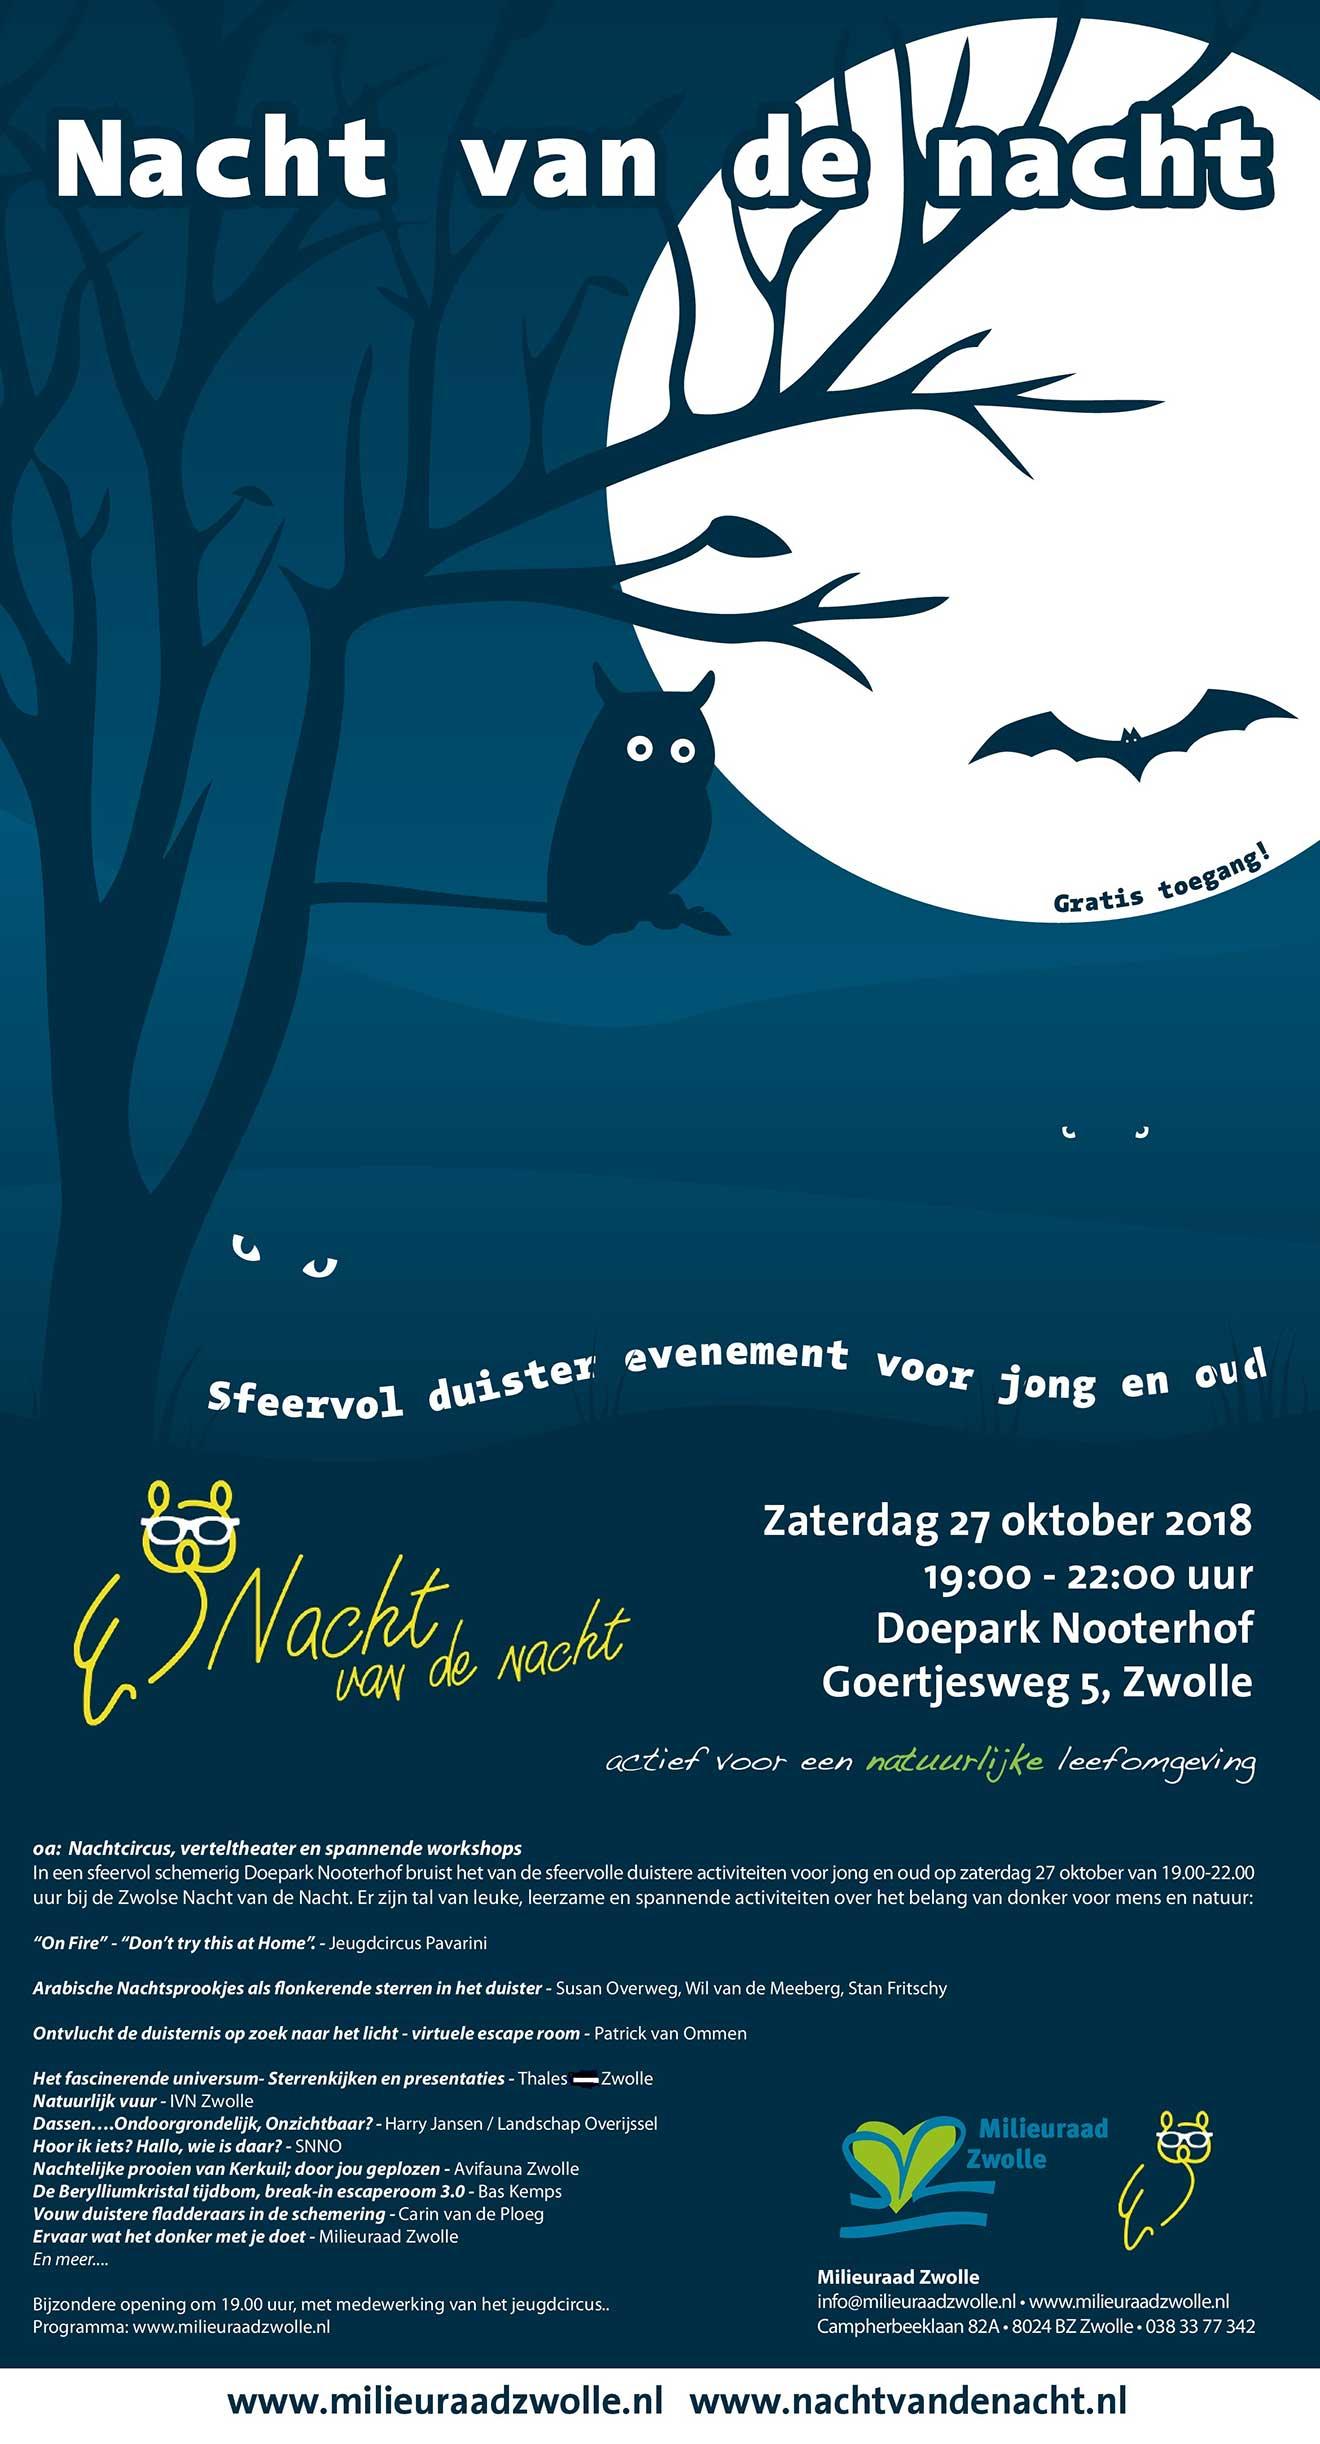 Nacht van de Nacht Zwolle